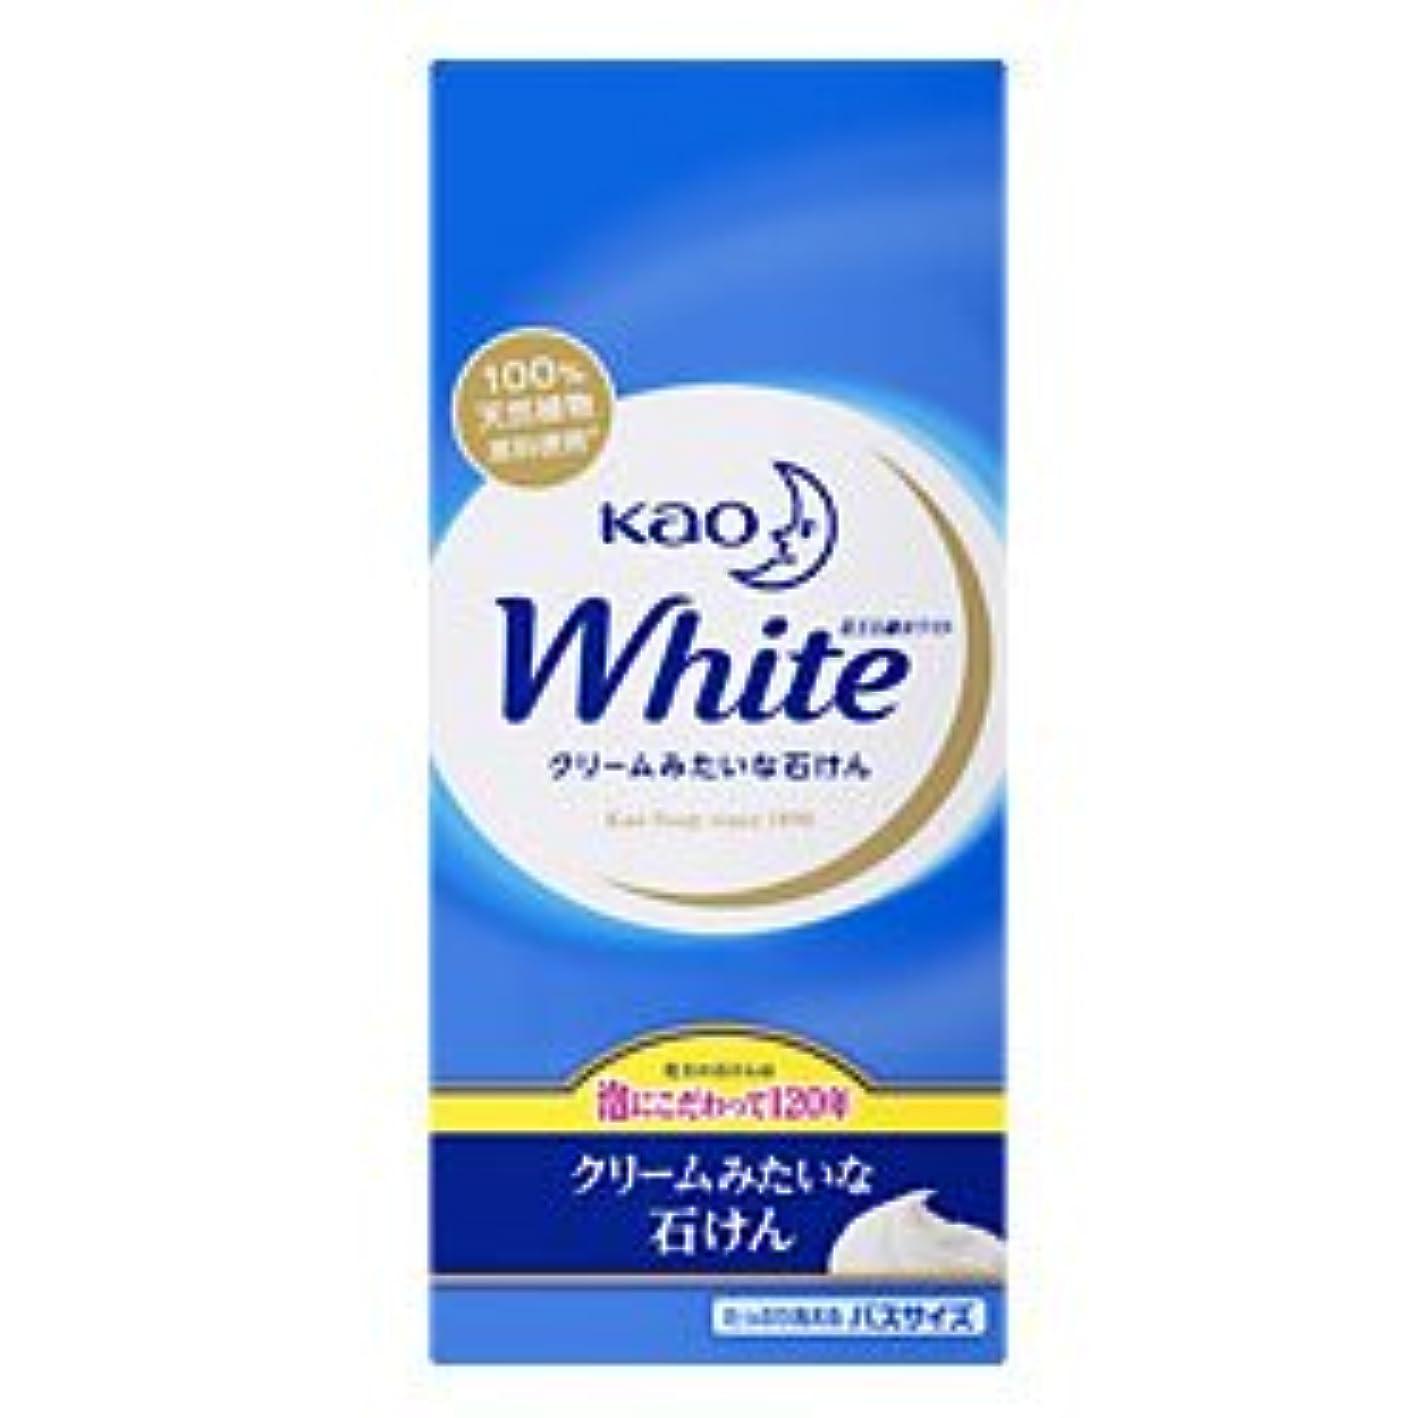 再び侮辱先入観【花王】花王ホワイト バスサイズ 130g×6個 ×10個セット